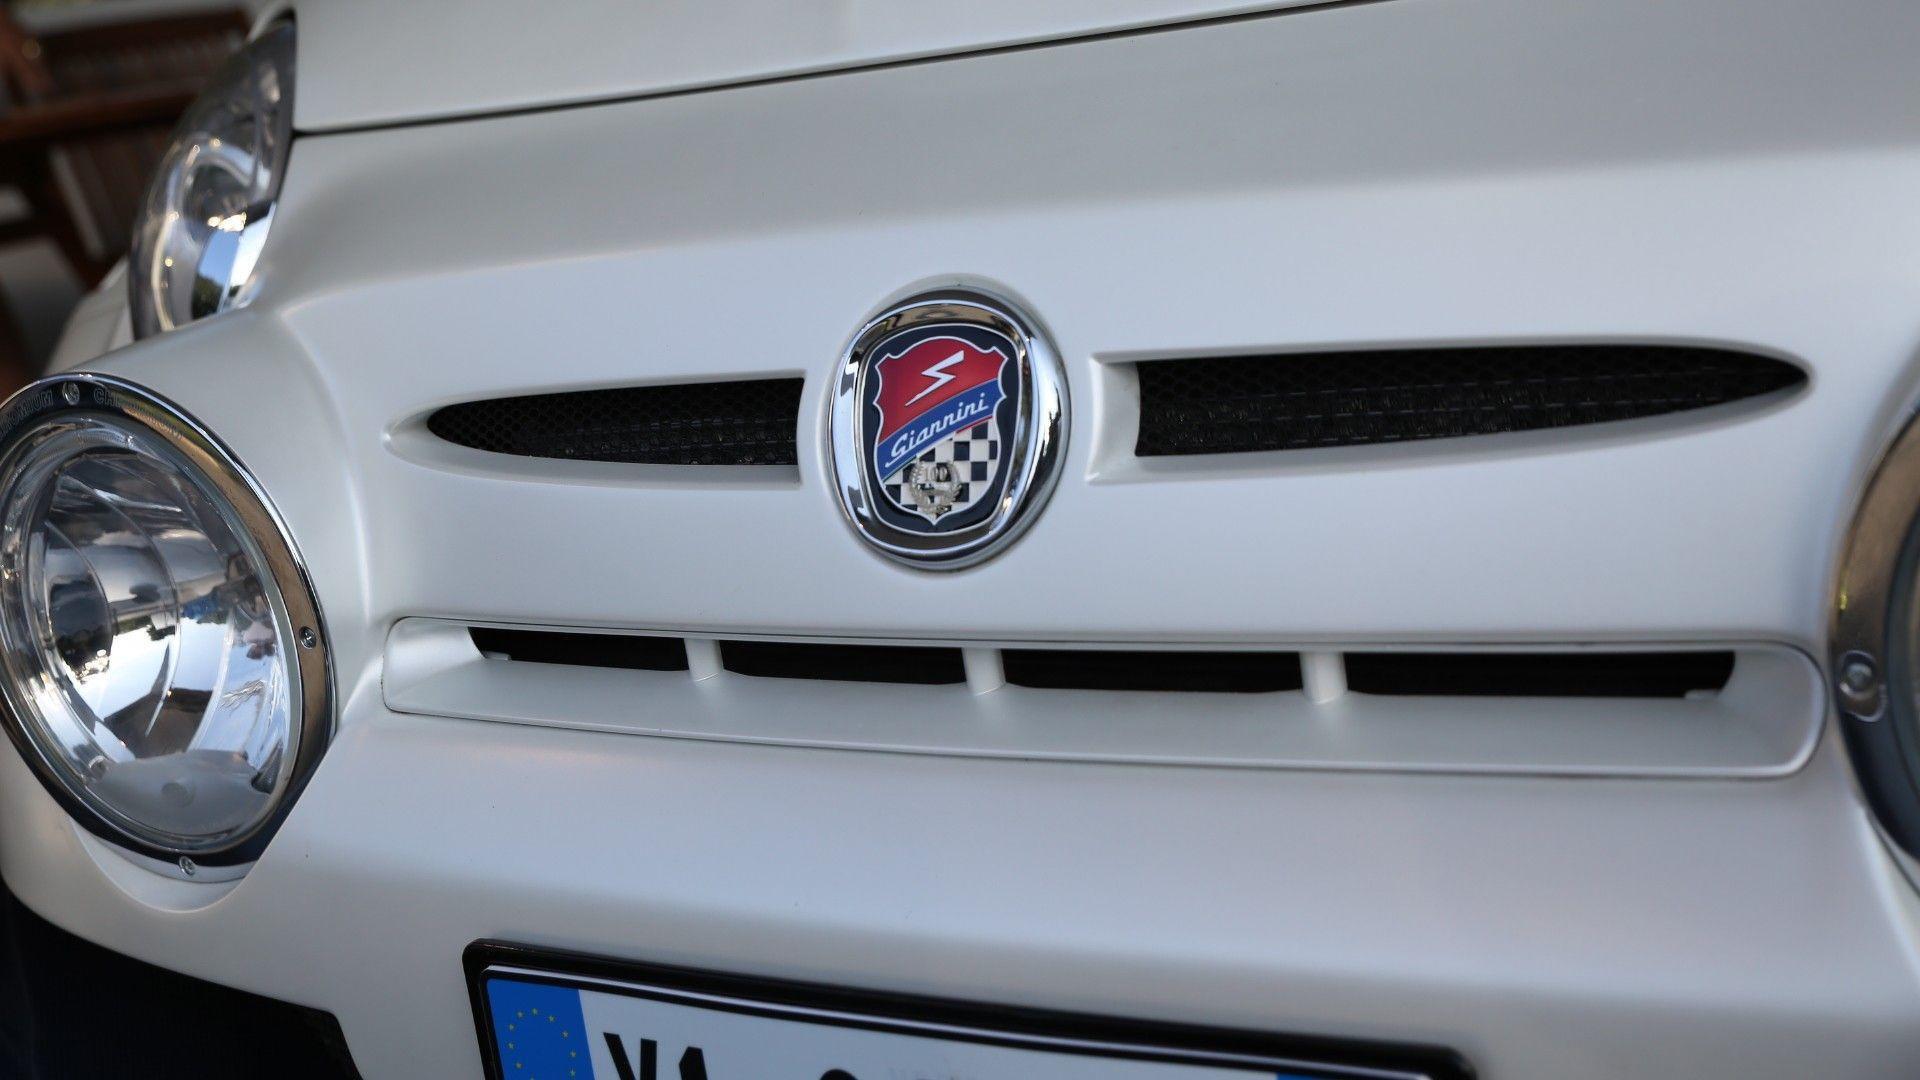 un-moteur-alfa-romeo-de-350-chevaux-sur-une-fiat-500-343-3.jpg